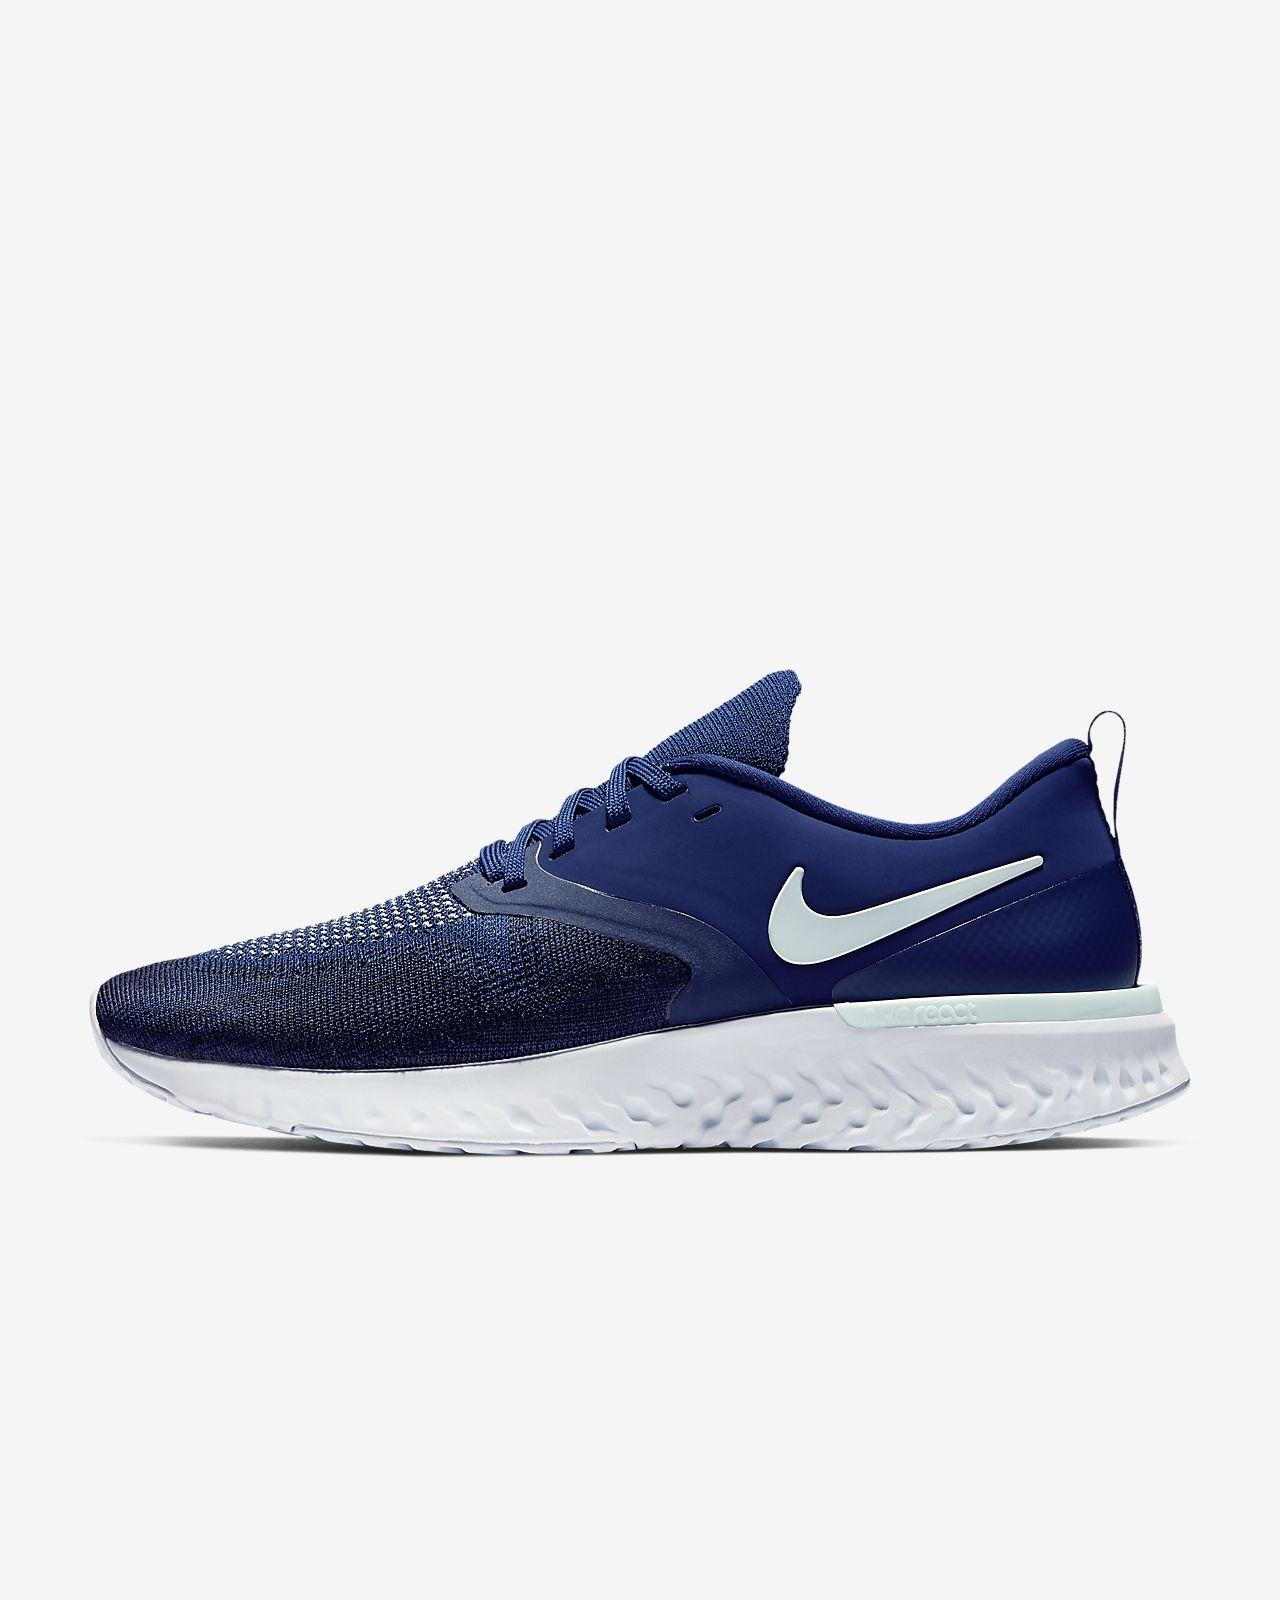 รองเท้าวิ่งผู้หญิง Nike Odyssey React Flyknit 2